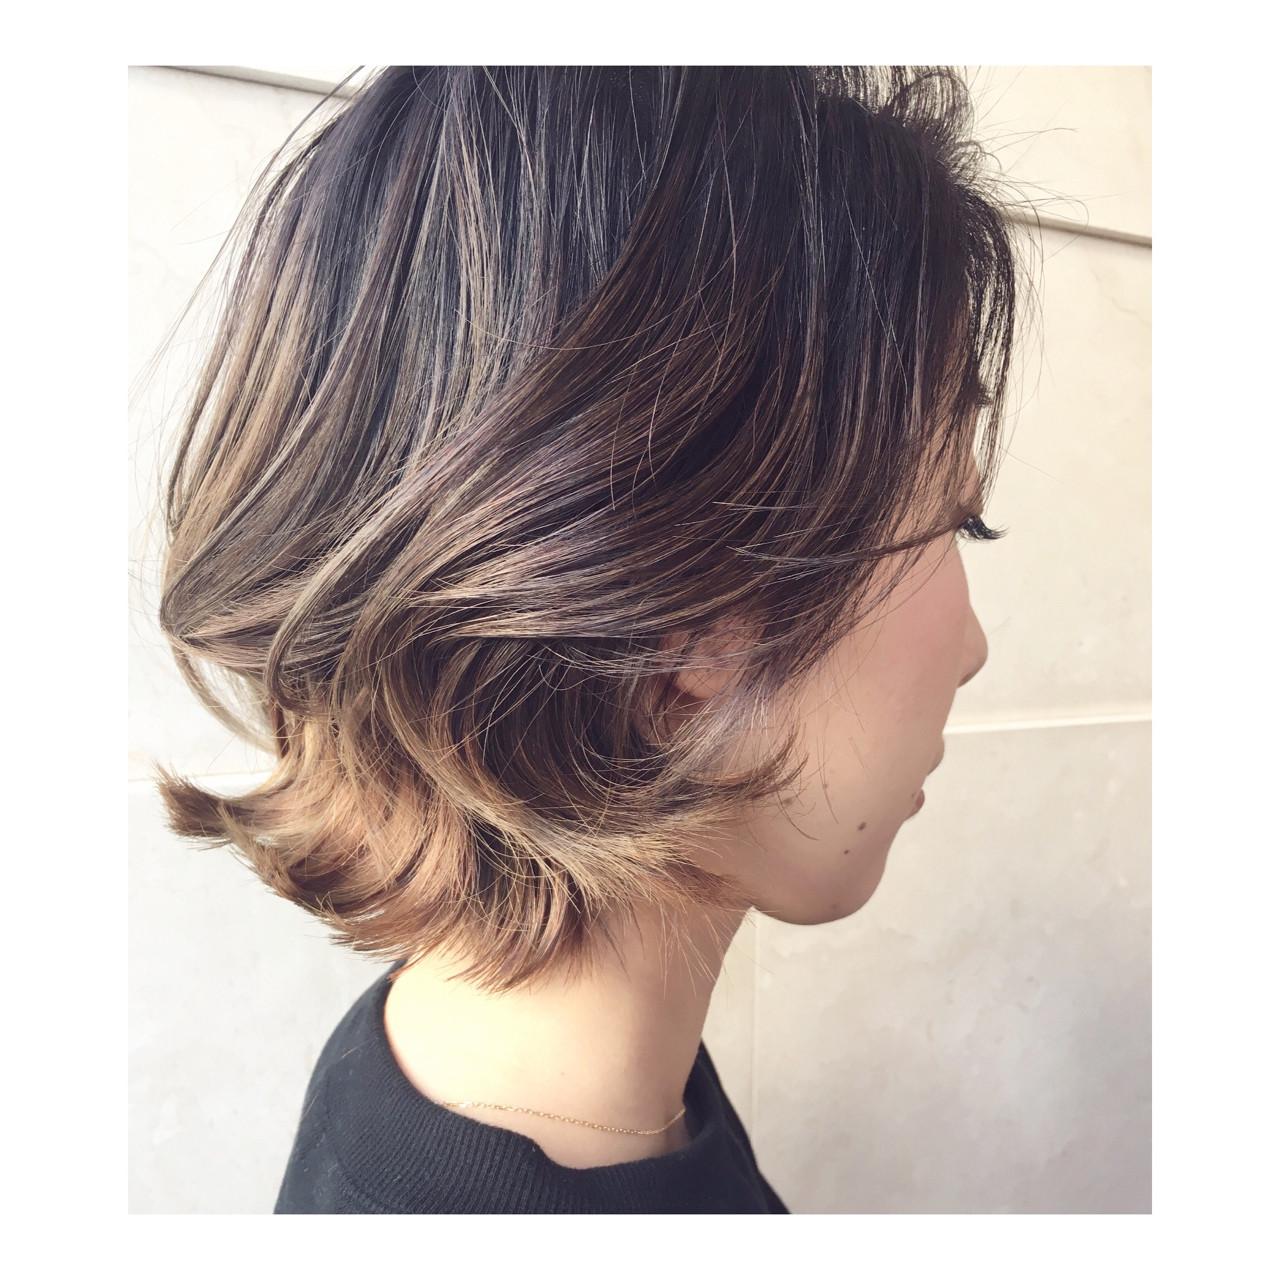 ストリート グラデーションカラー ショート 抜け感 ヘアスタイルや髪型の写真・画像